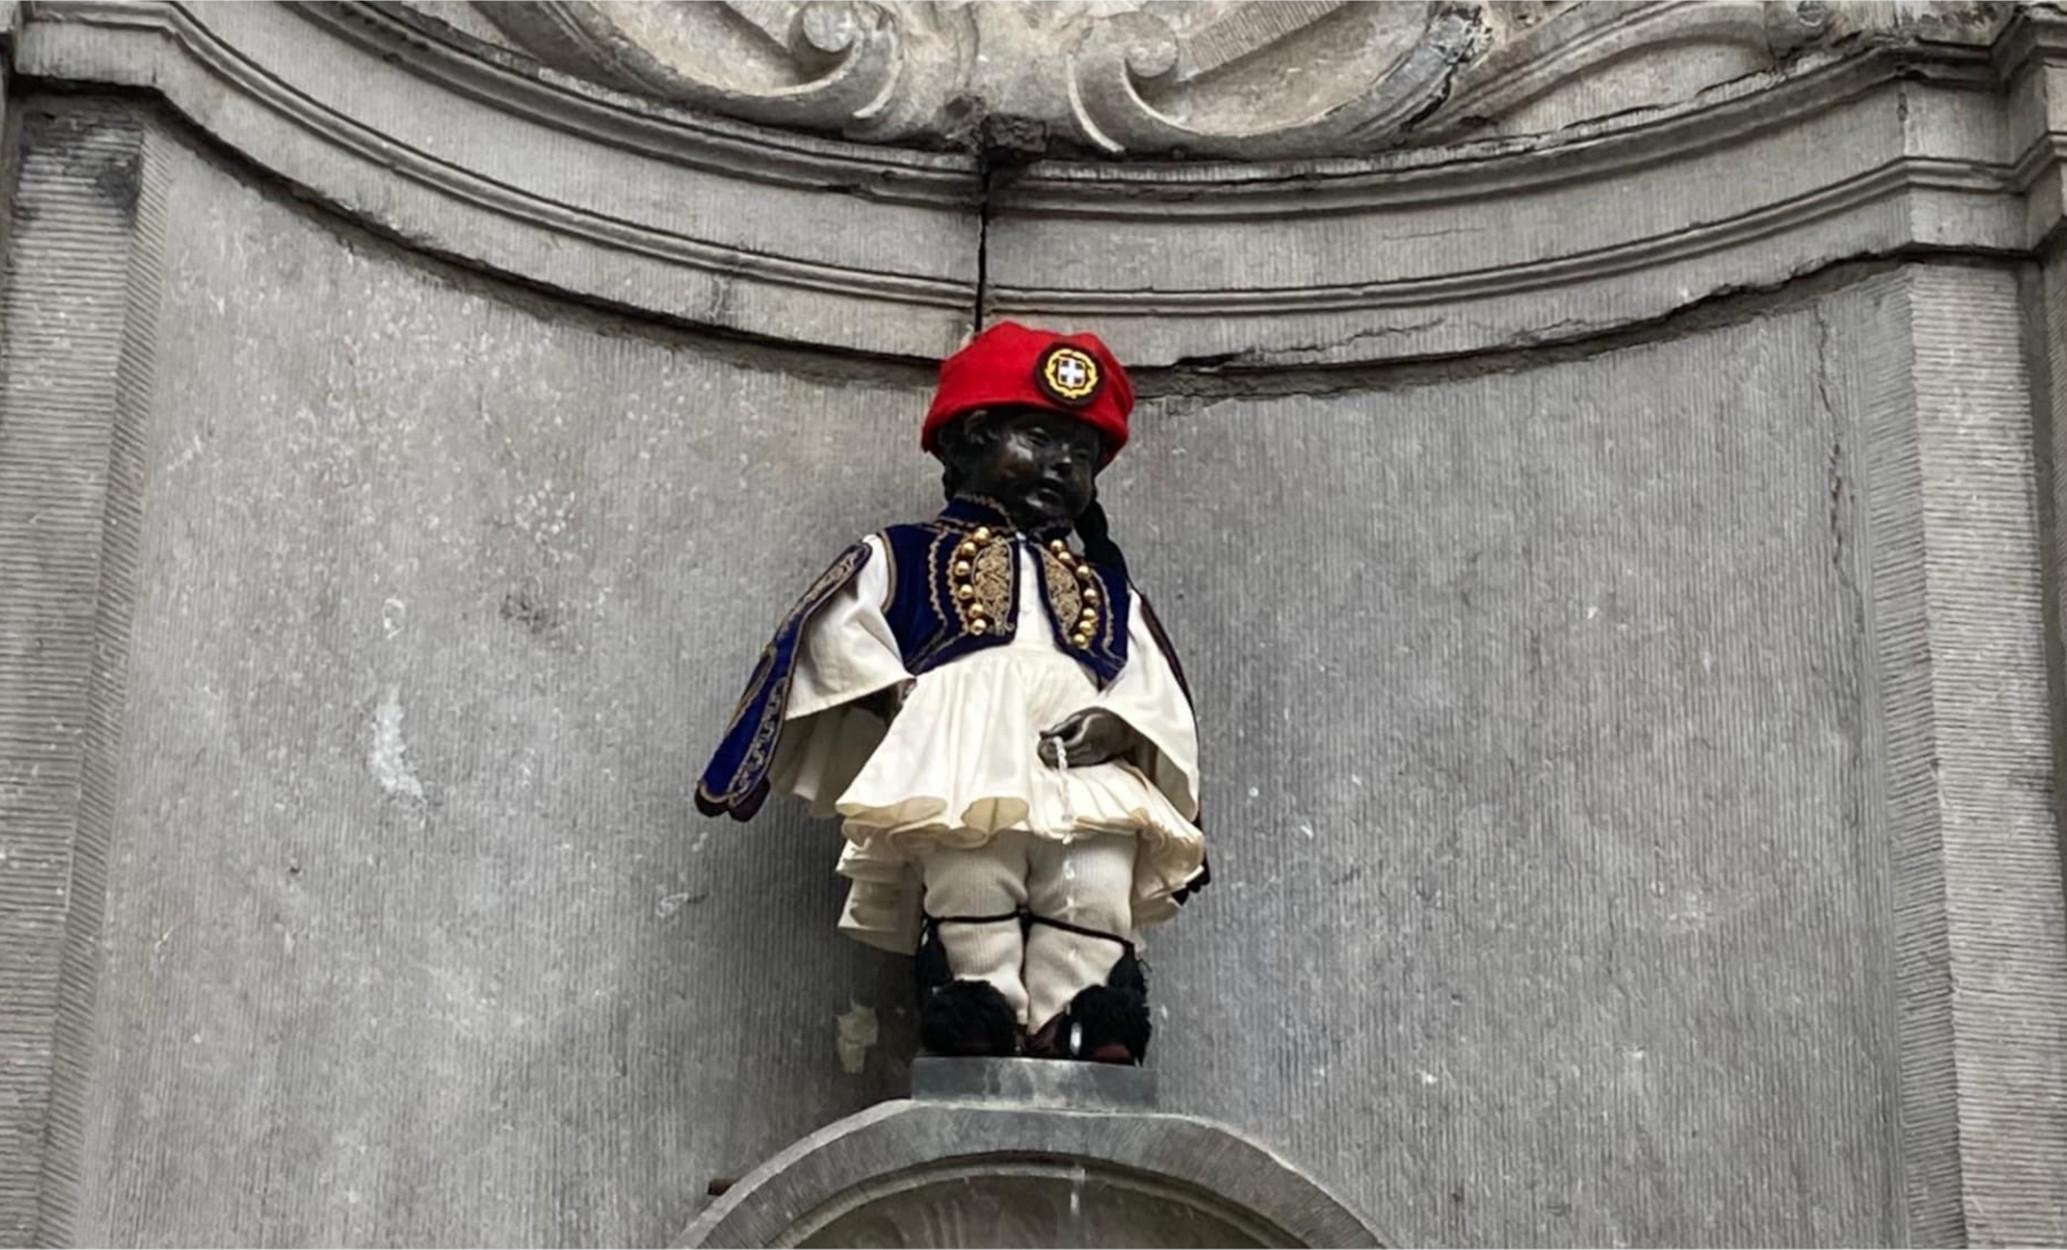 Βρυξέλλες: Ντύθηκε τσολιαδάκι το διάσημο Manneken Pis για την 25η Μαρτίου (pics)